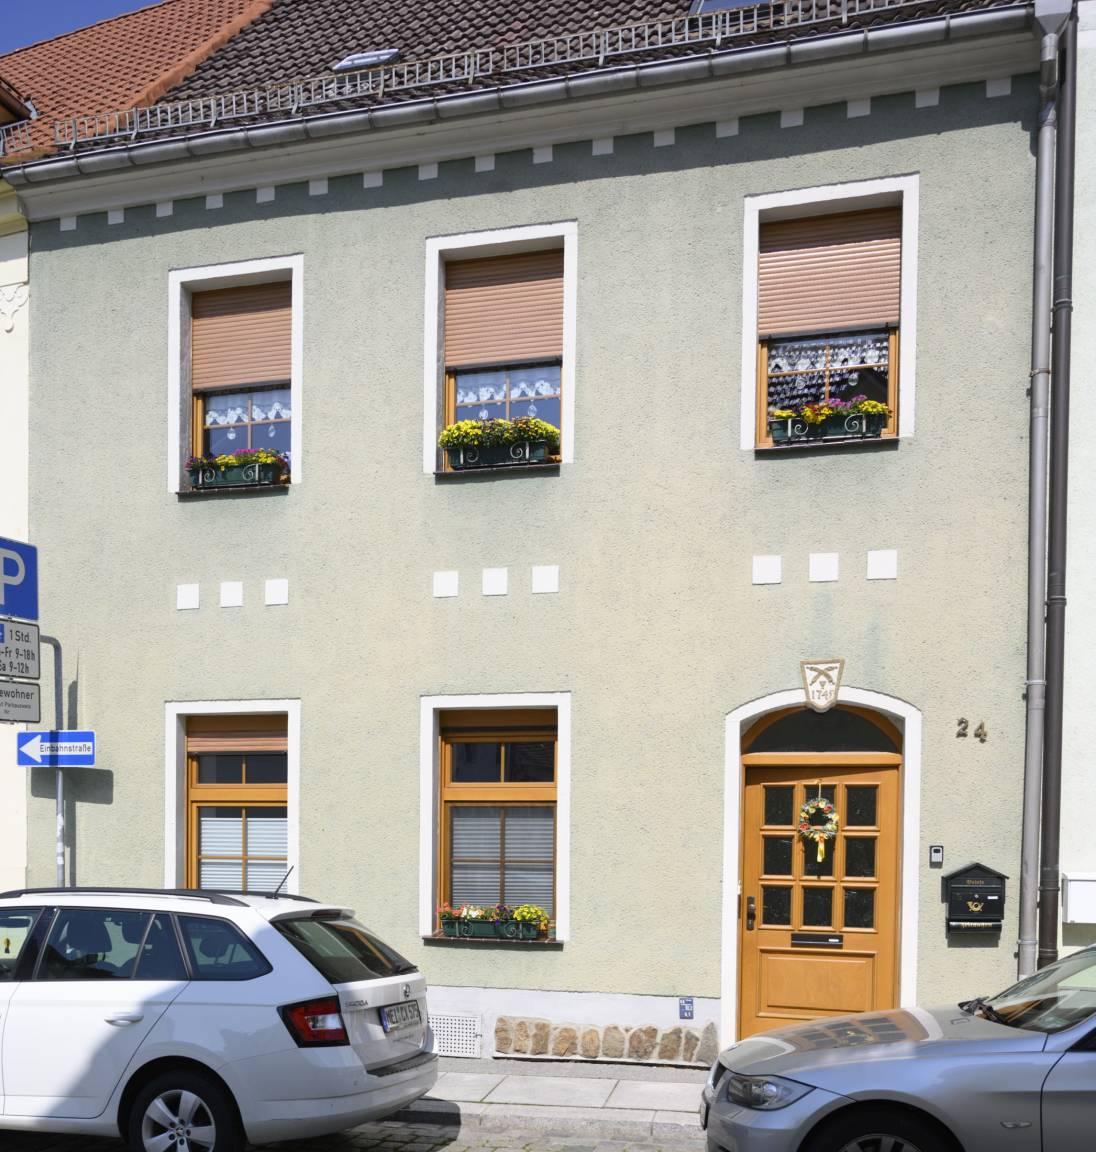 McGoodnight.com, Ferienwohnung in Großenhain bei Radeberger Vorstadt